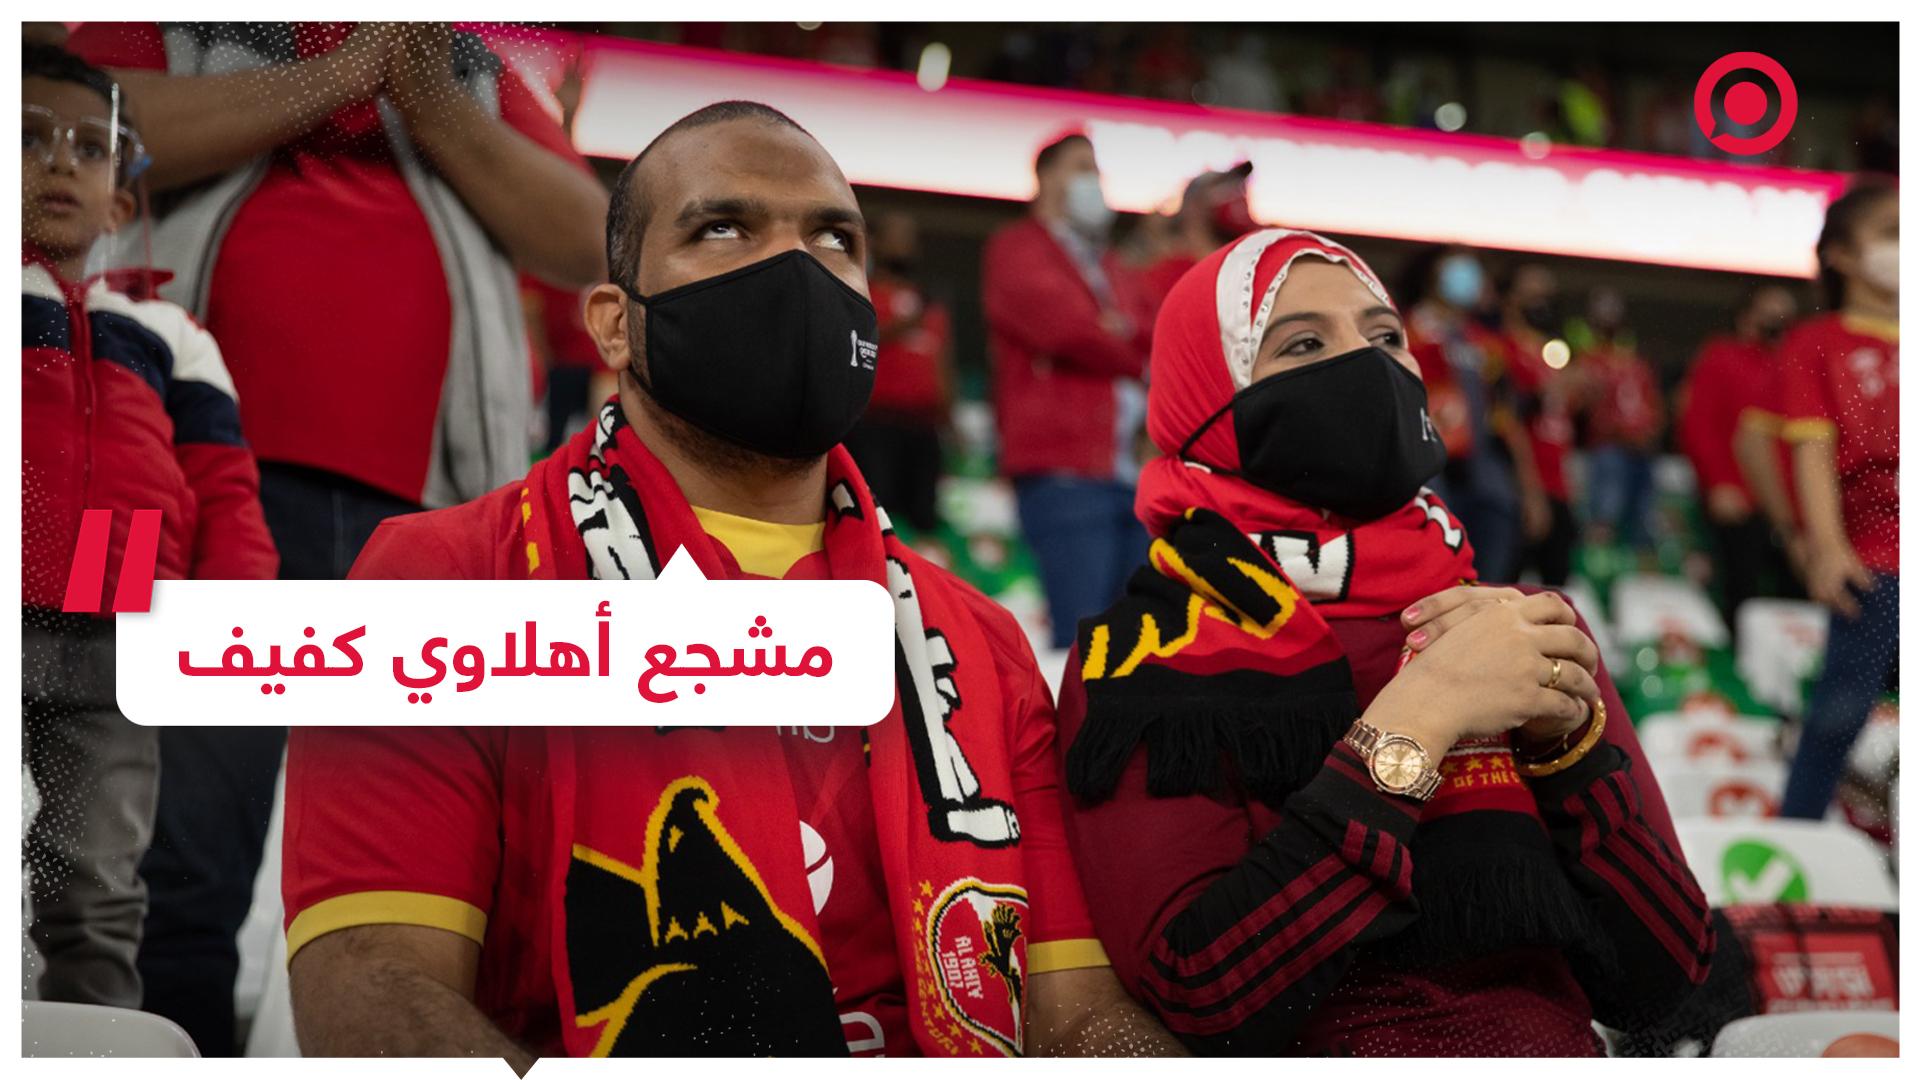 قصة مشجع أهلاوي كفيف يعتمد على وصف زوجته وخياله للاستمتاع بكرة القدم